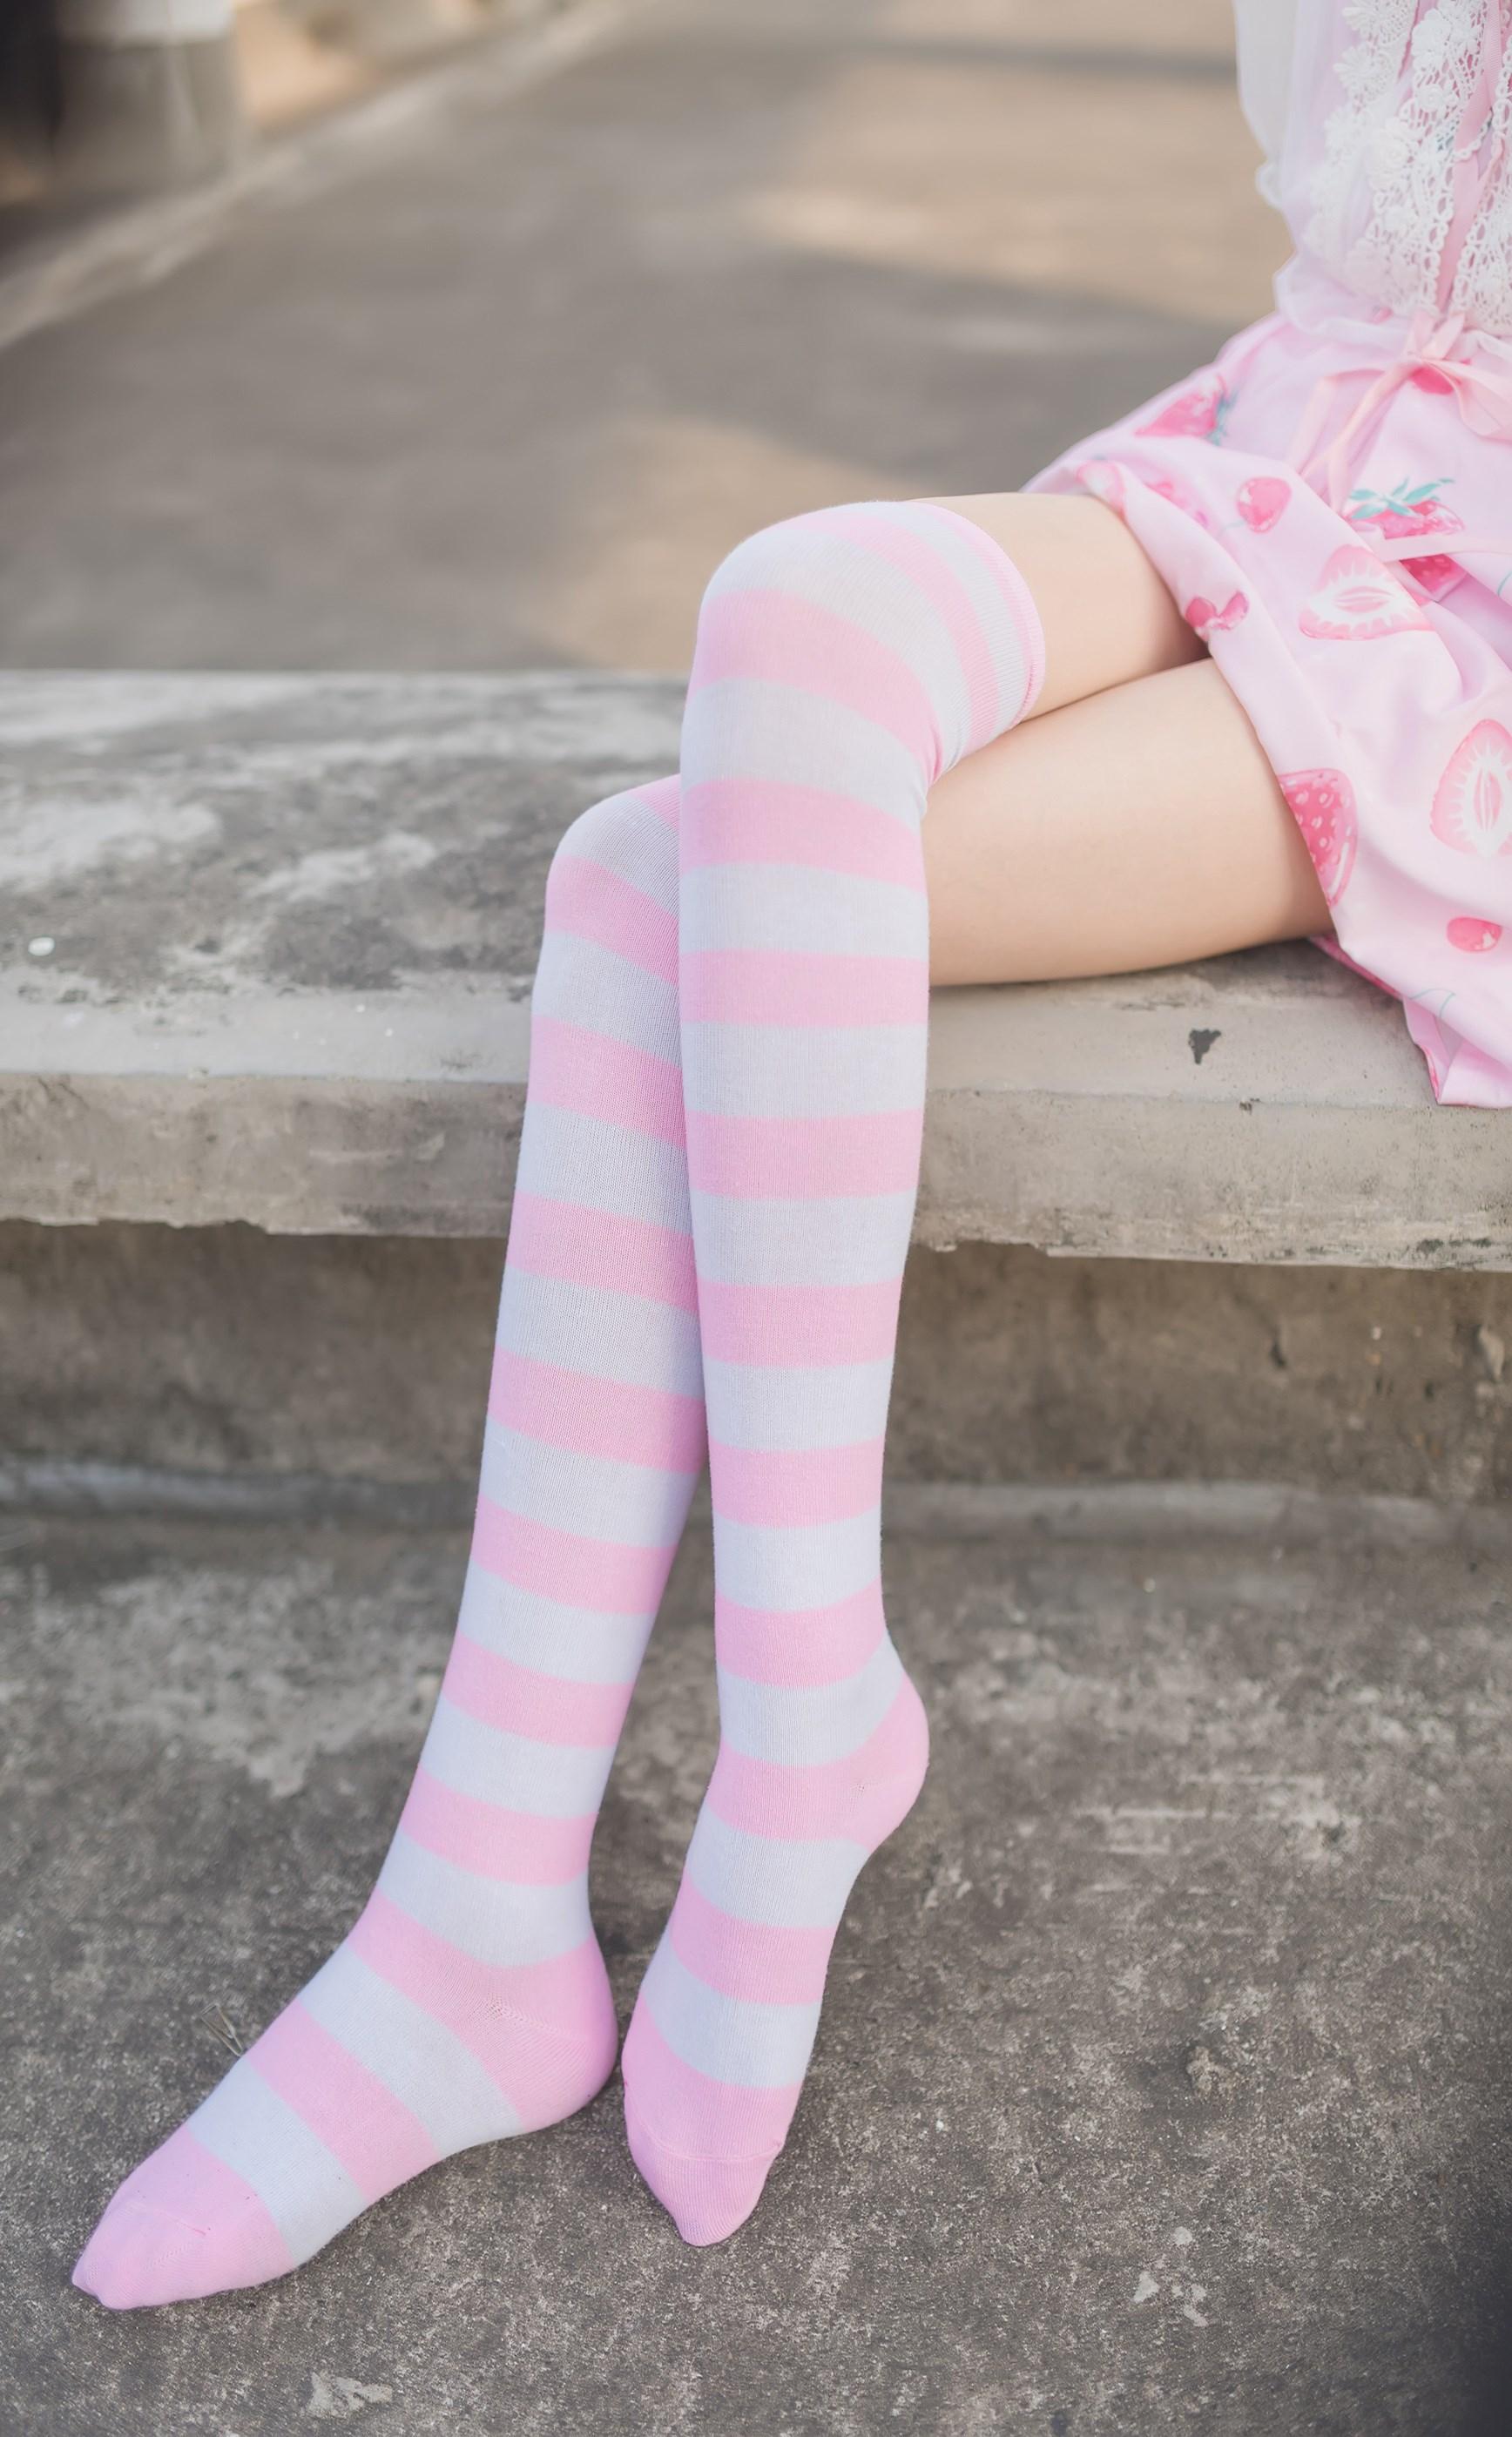 【兔玩映画】粉白条纹 兔玩映画 第45张